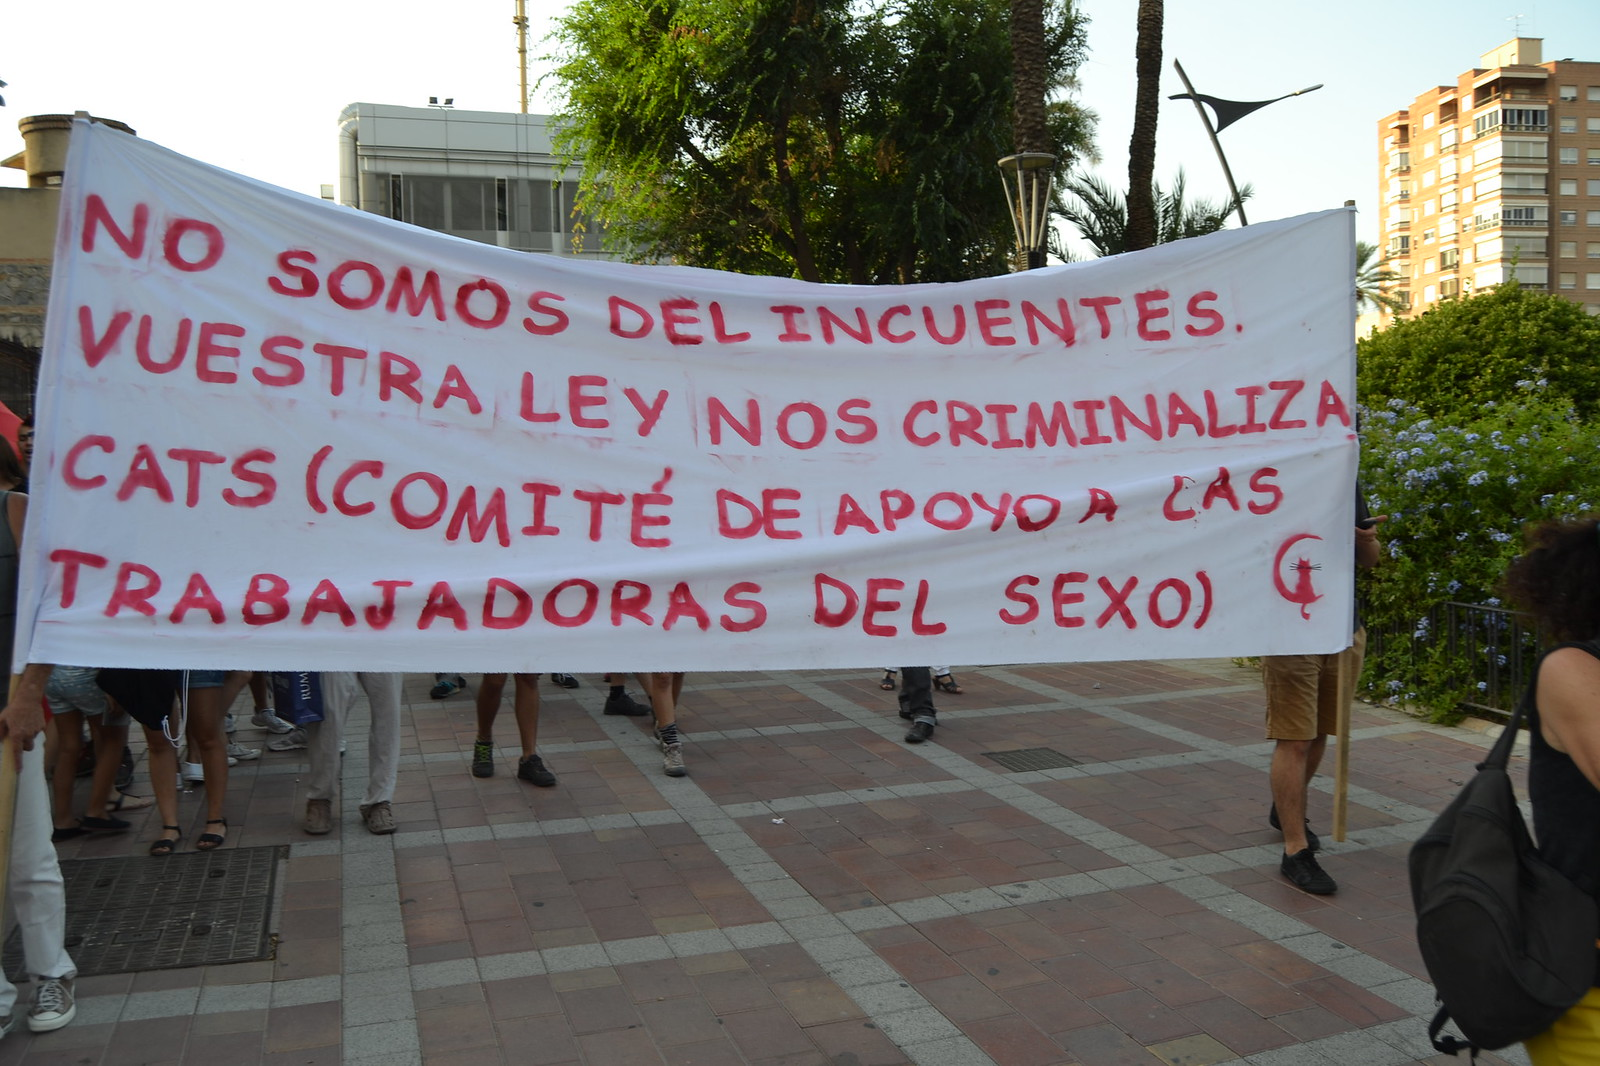 Murcia. Manifestación contra la #LeyMordaza 30/06/2015 Fotos de #zeroanodino para #URBANARTIMAÑA